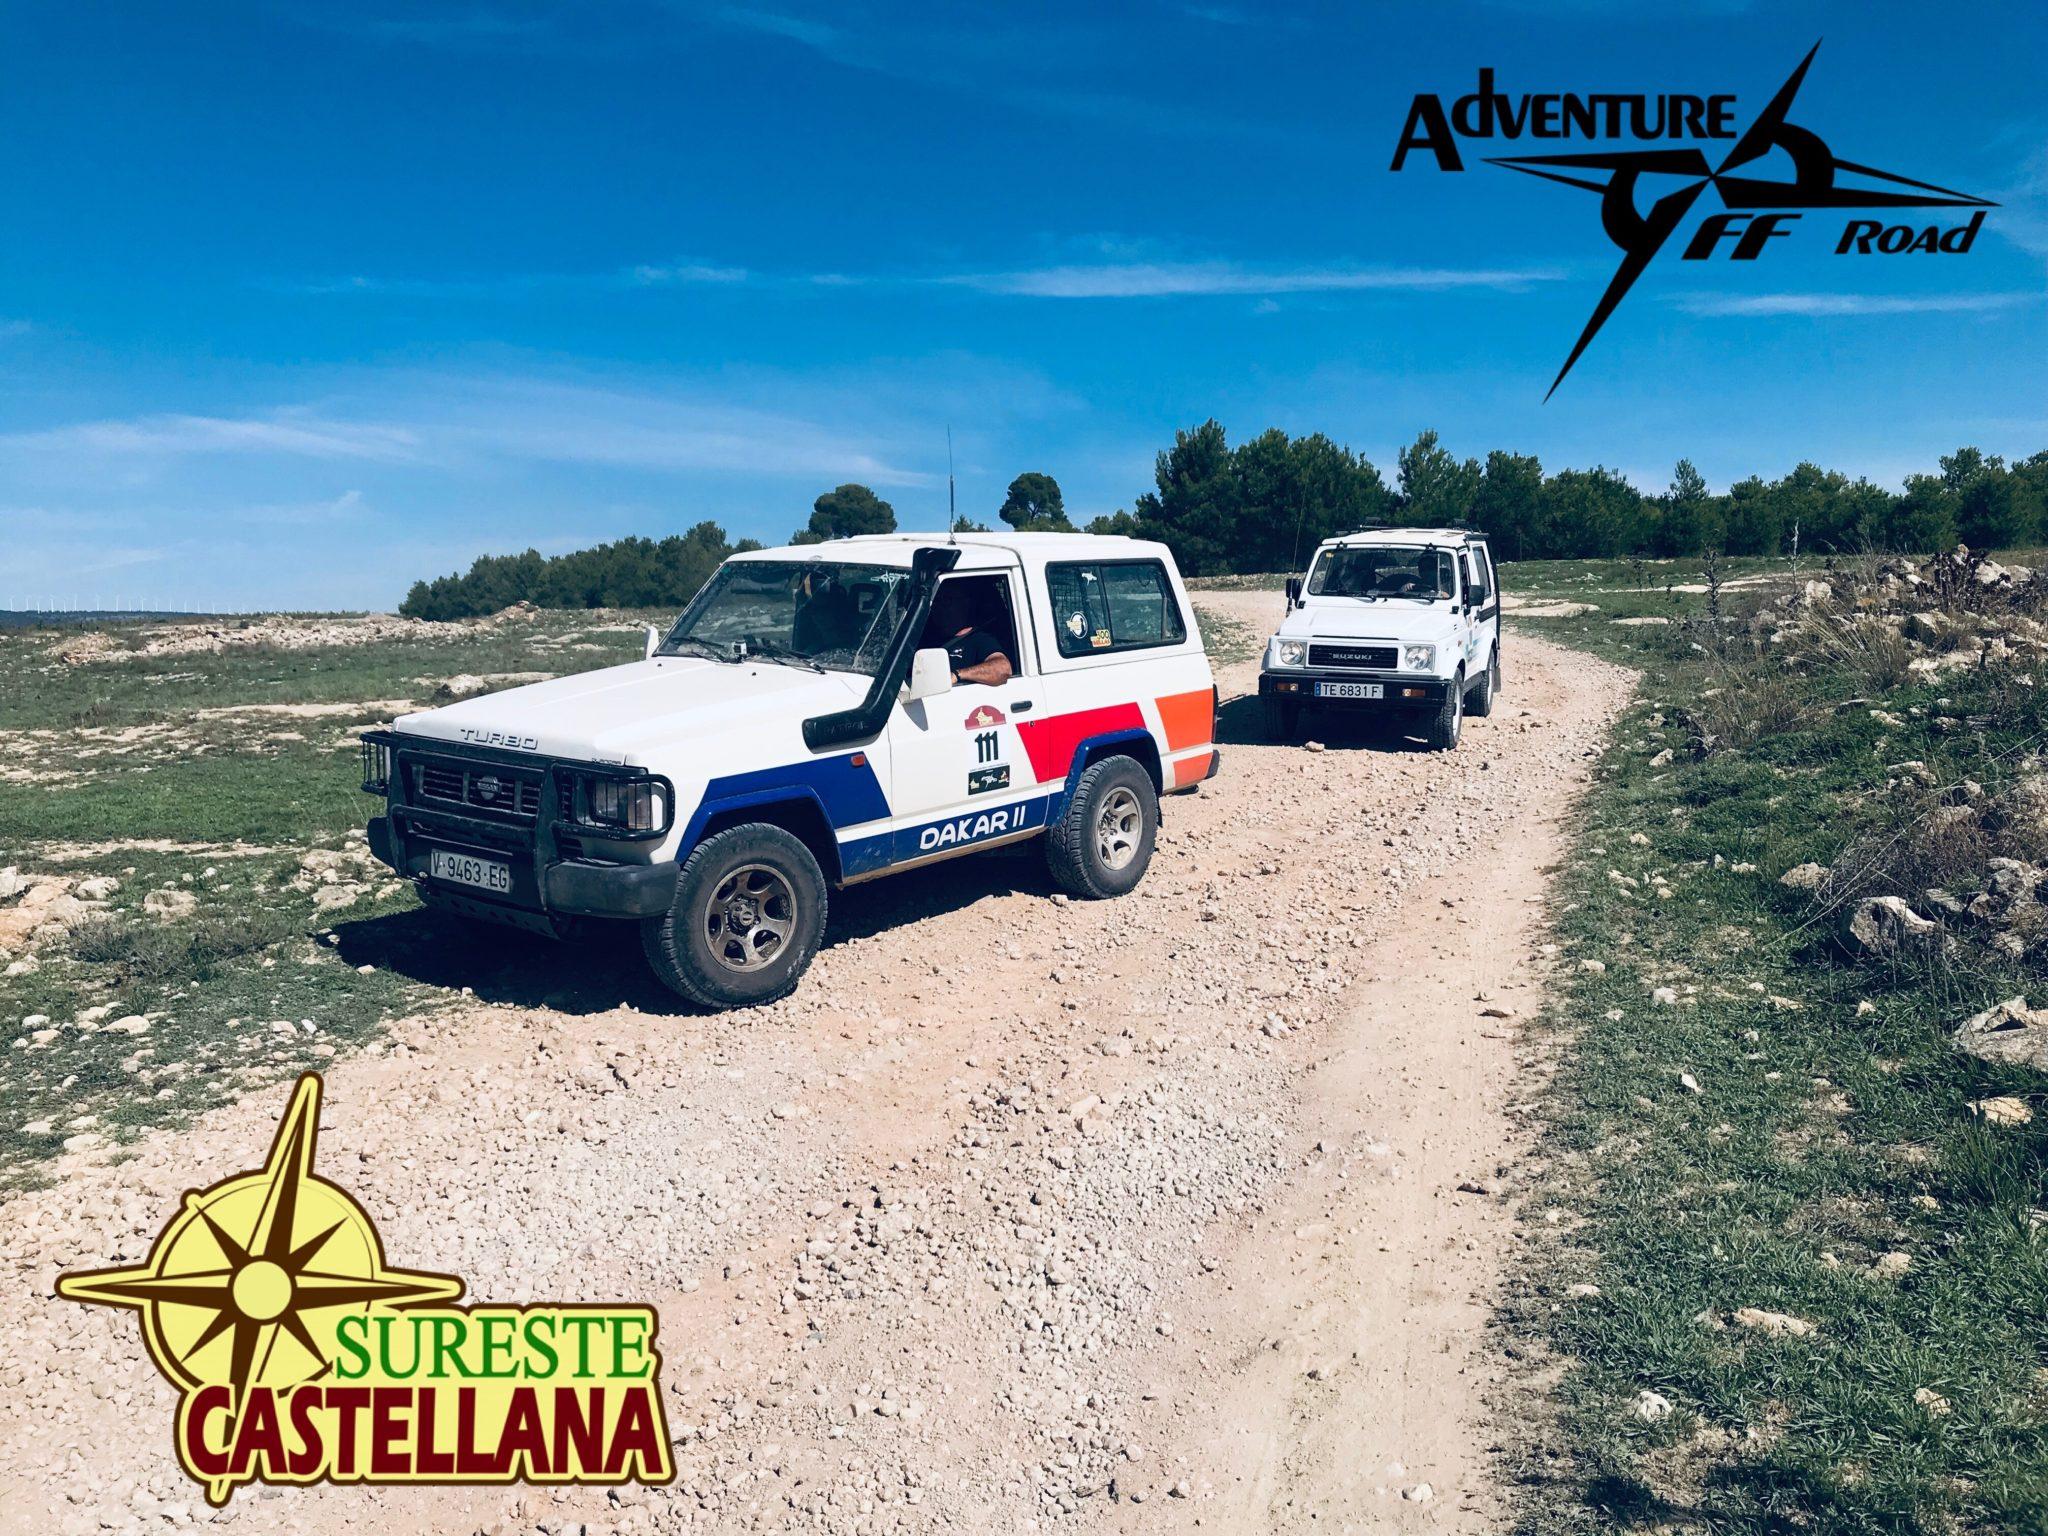 IV Sureste Castellana